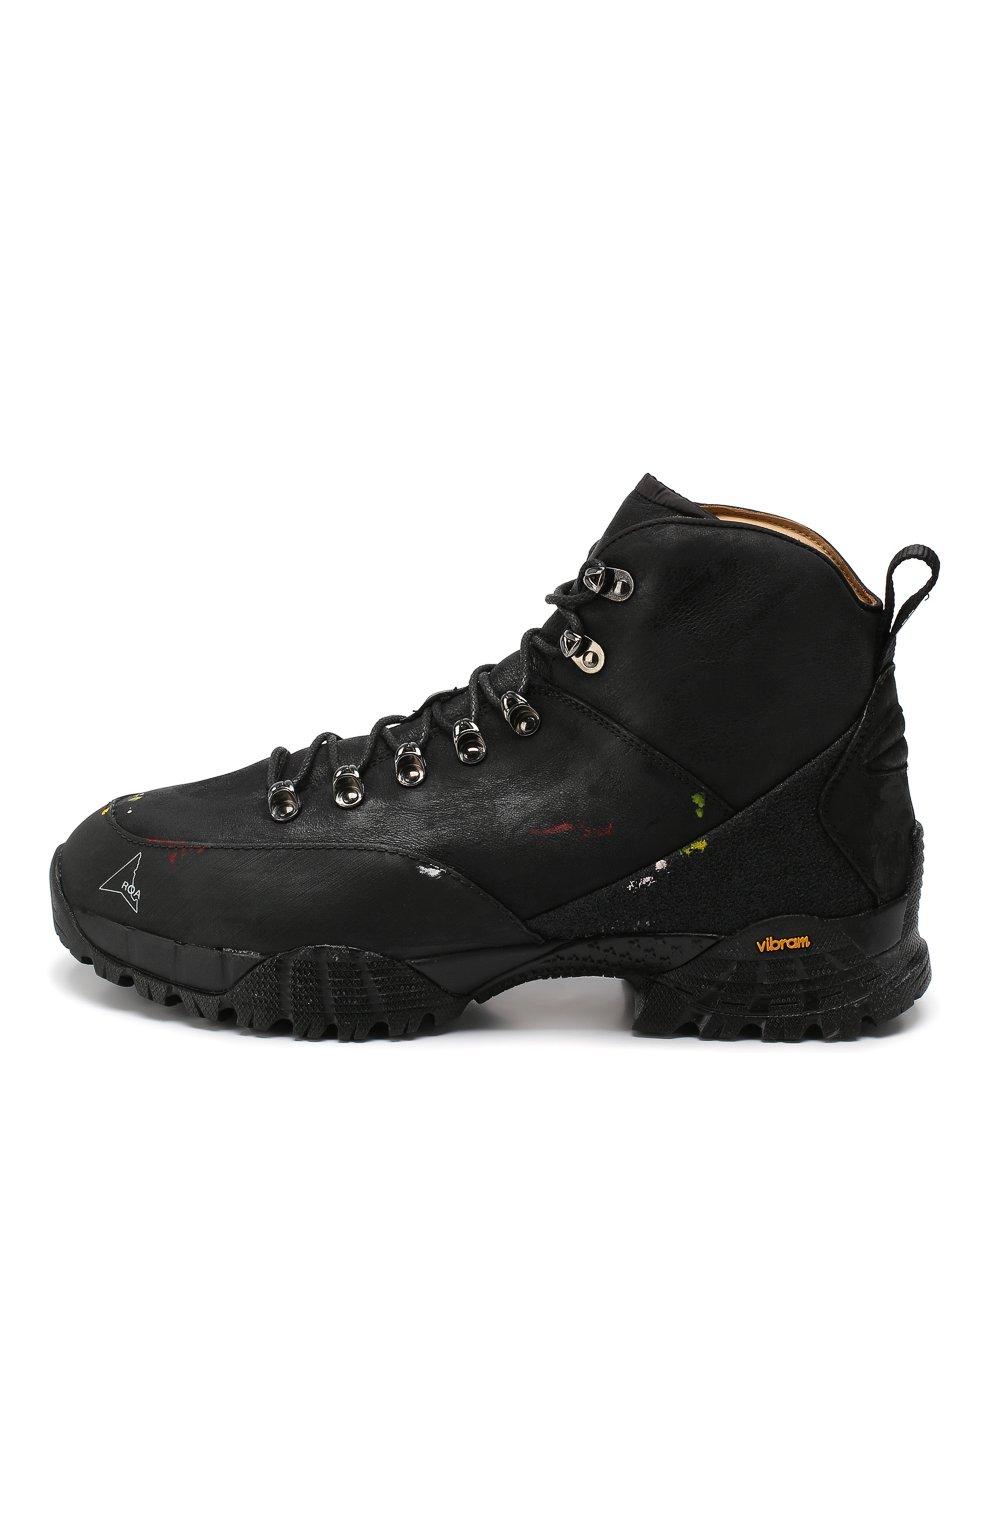 Мужские комбинированные ботинки ROA черного цвета, арт. VAR092   Фото 3 (Материал внешний: Текстиль; Мужское Кросс-КТ: Хайкеры-обувь, Ботинки-обувь; Материал внутренний: Натуральная кожа, Текстиль; Статус проверки: Проверено, Проверена категория; Подошва: Плоская)